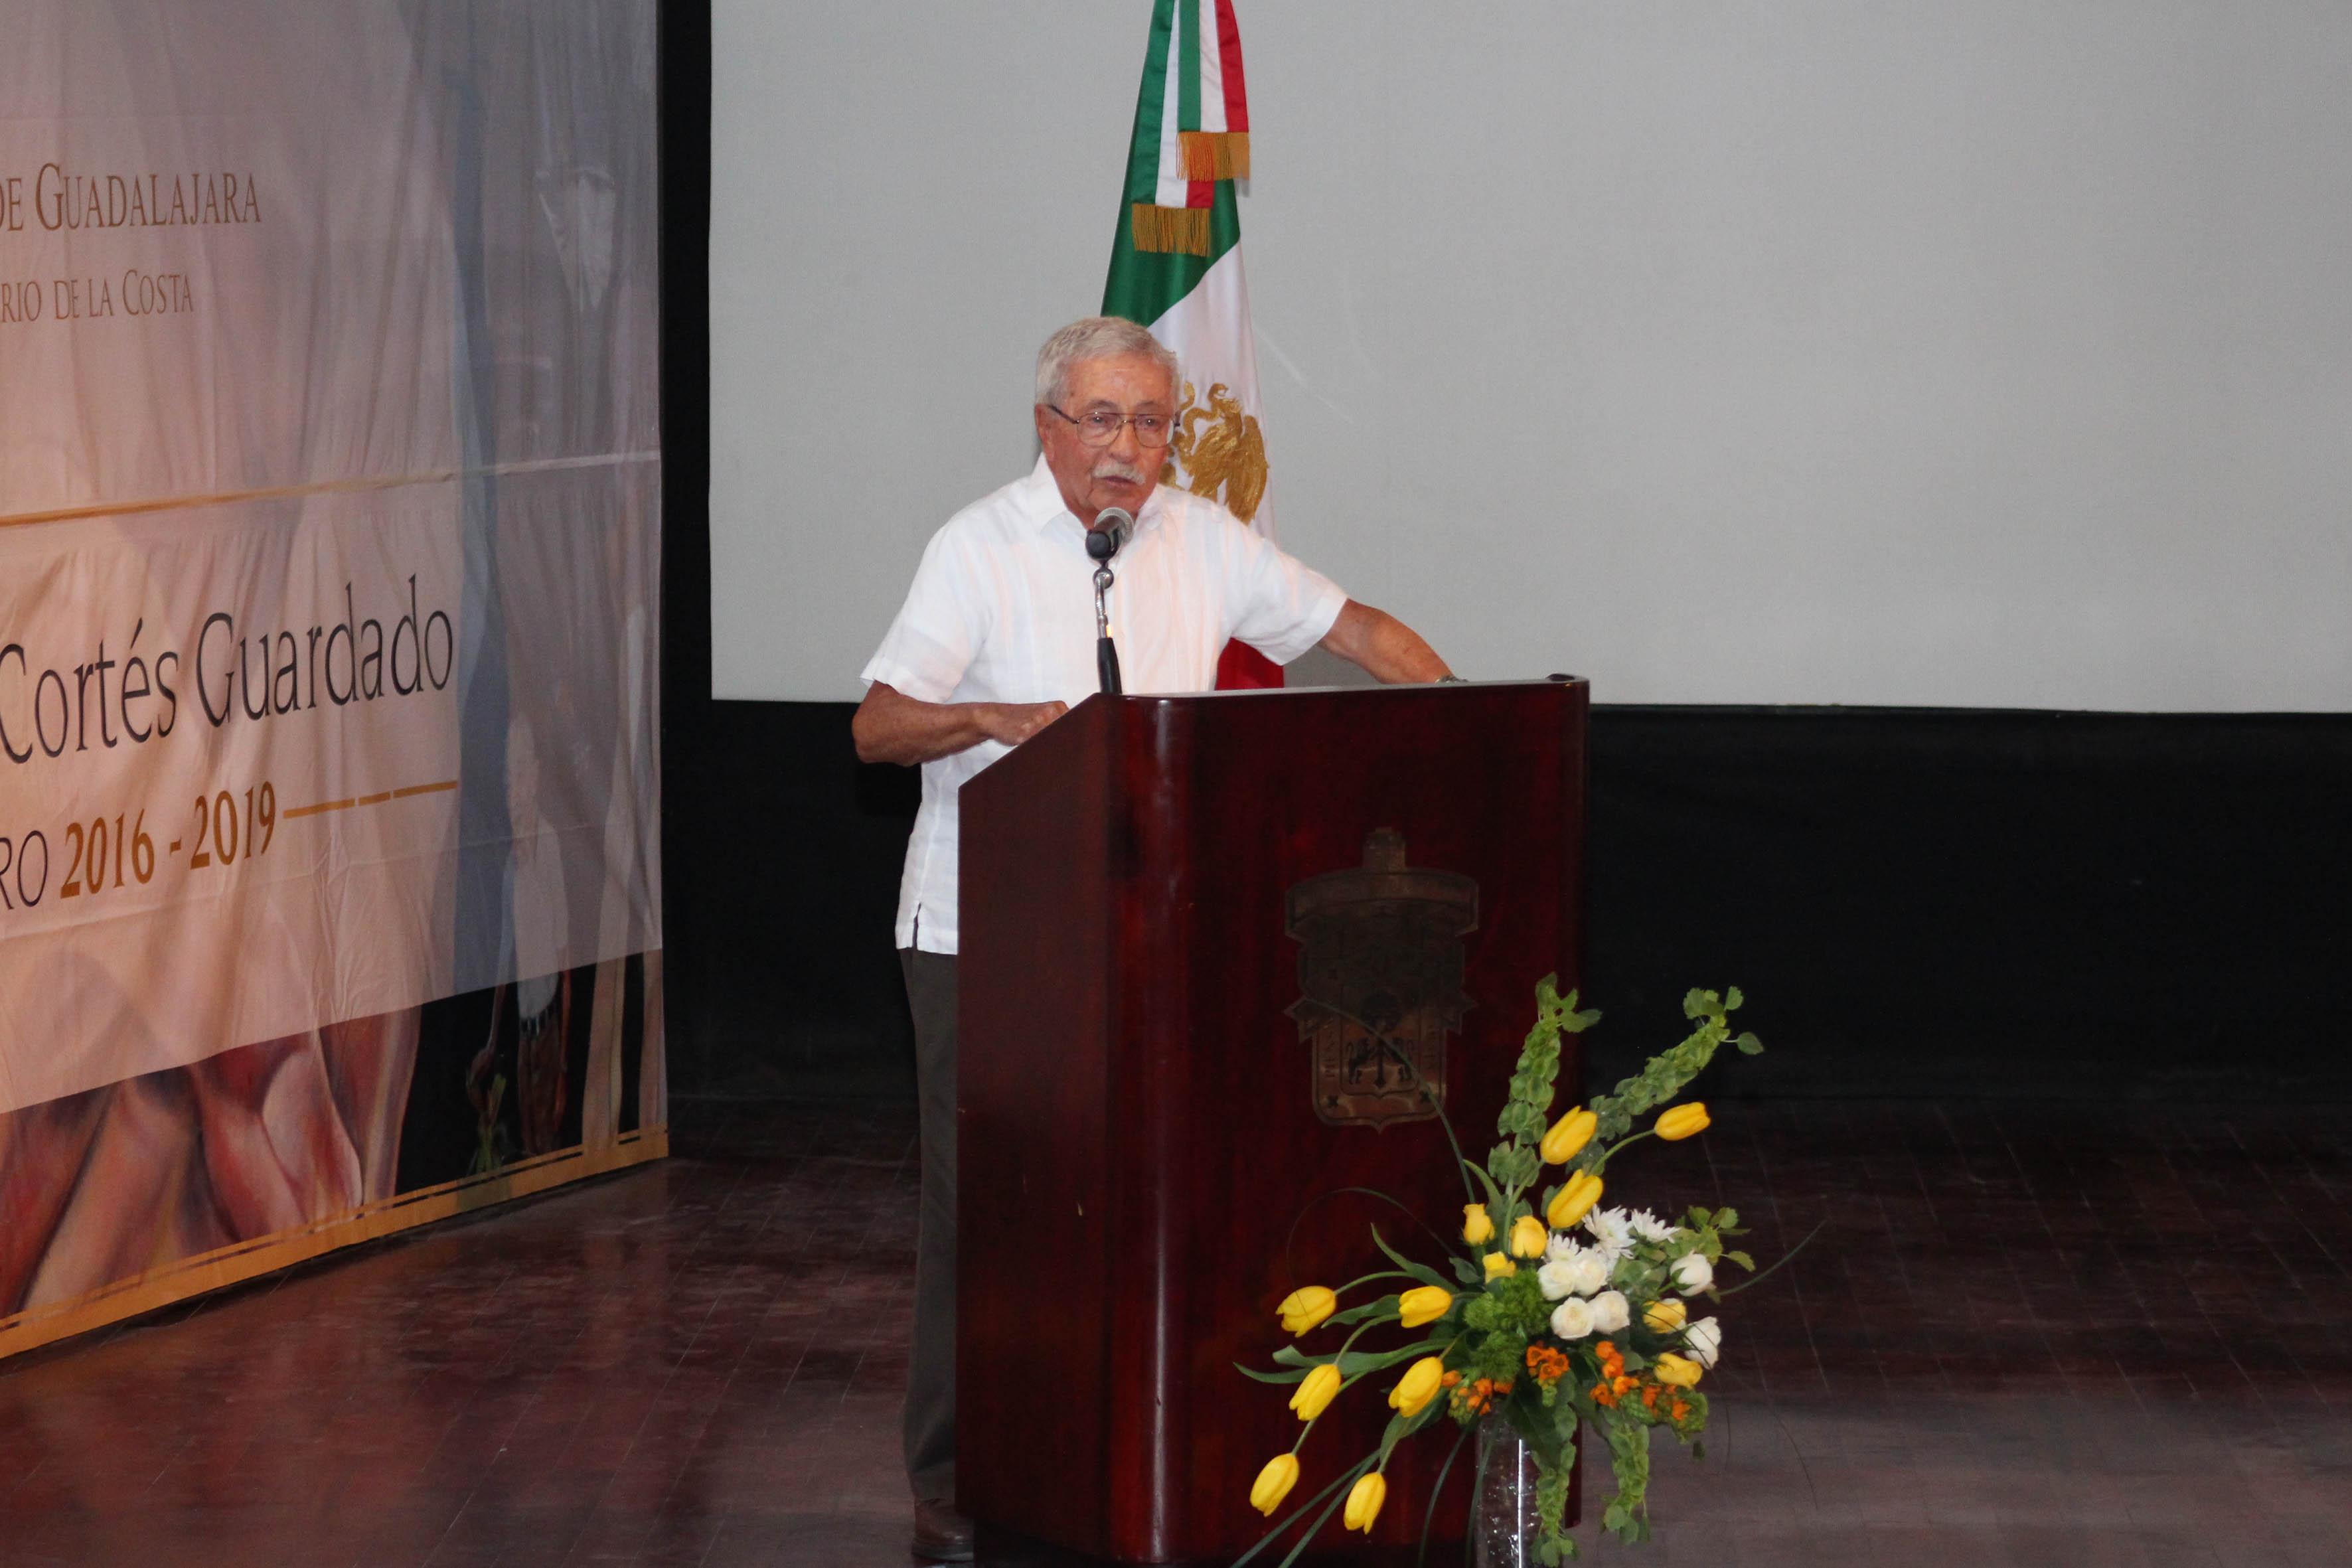 Dr. Juan Luis Cifuentes Lemus en acto de toma de protesta del Rector de CUCosta